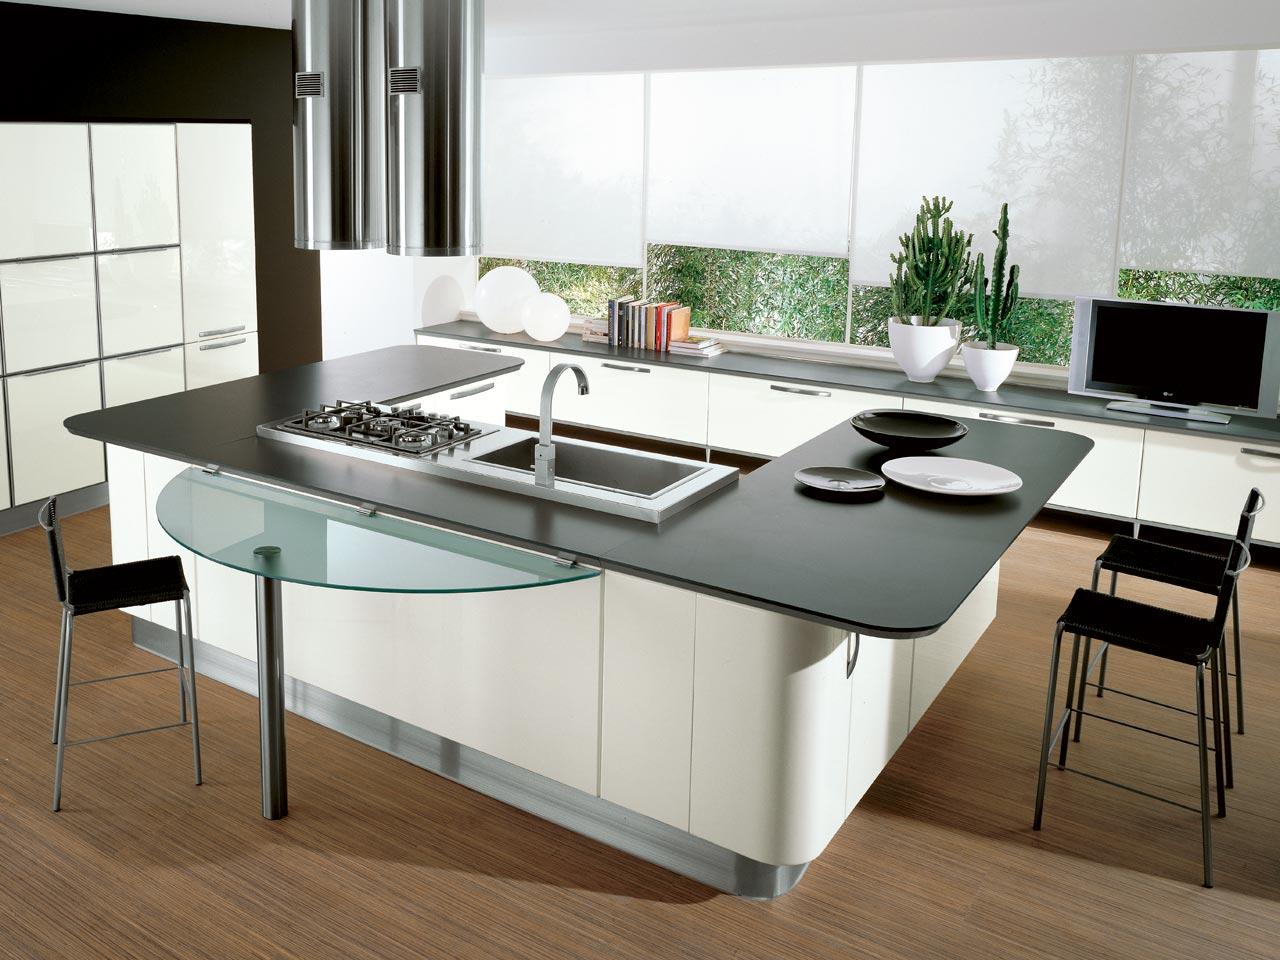 Reformas cocina integral qu prefieres cocinas con barra for Modelos de islas de cocina modernas